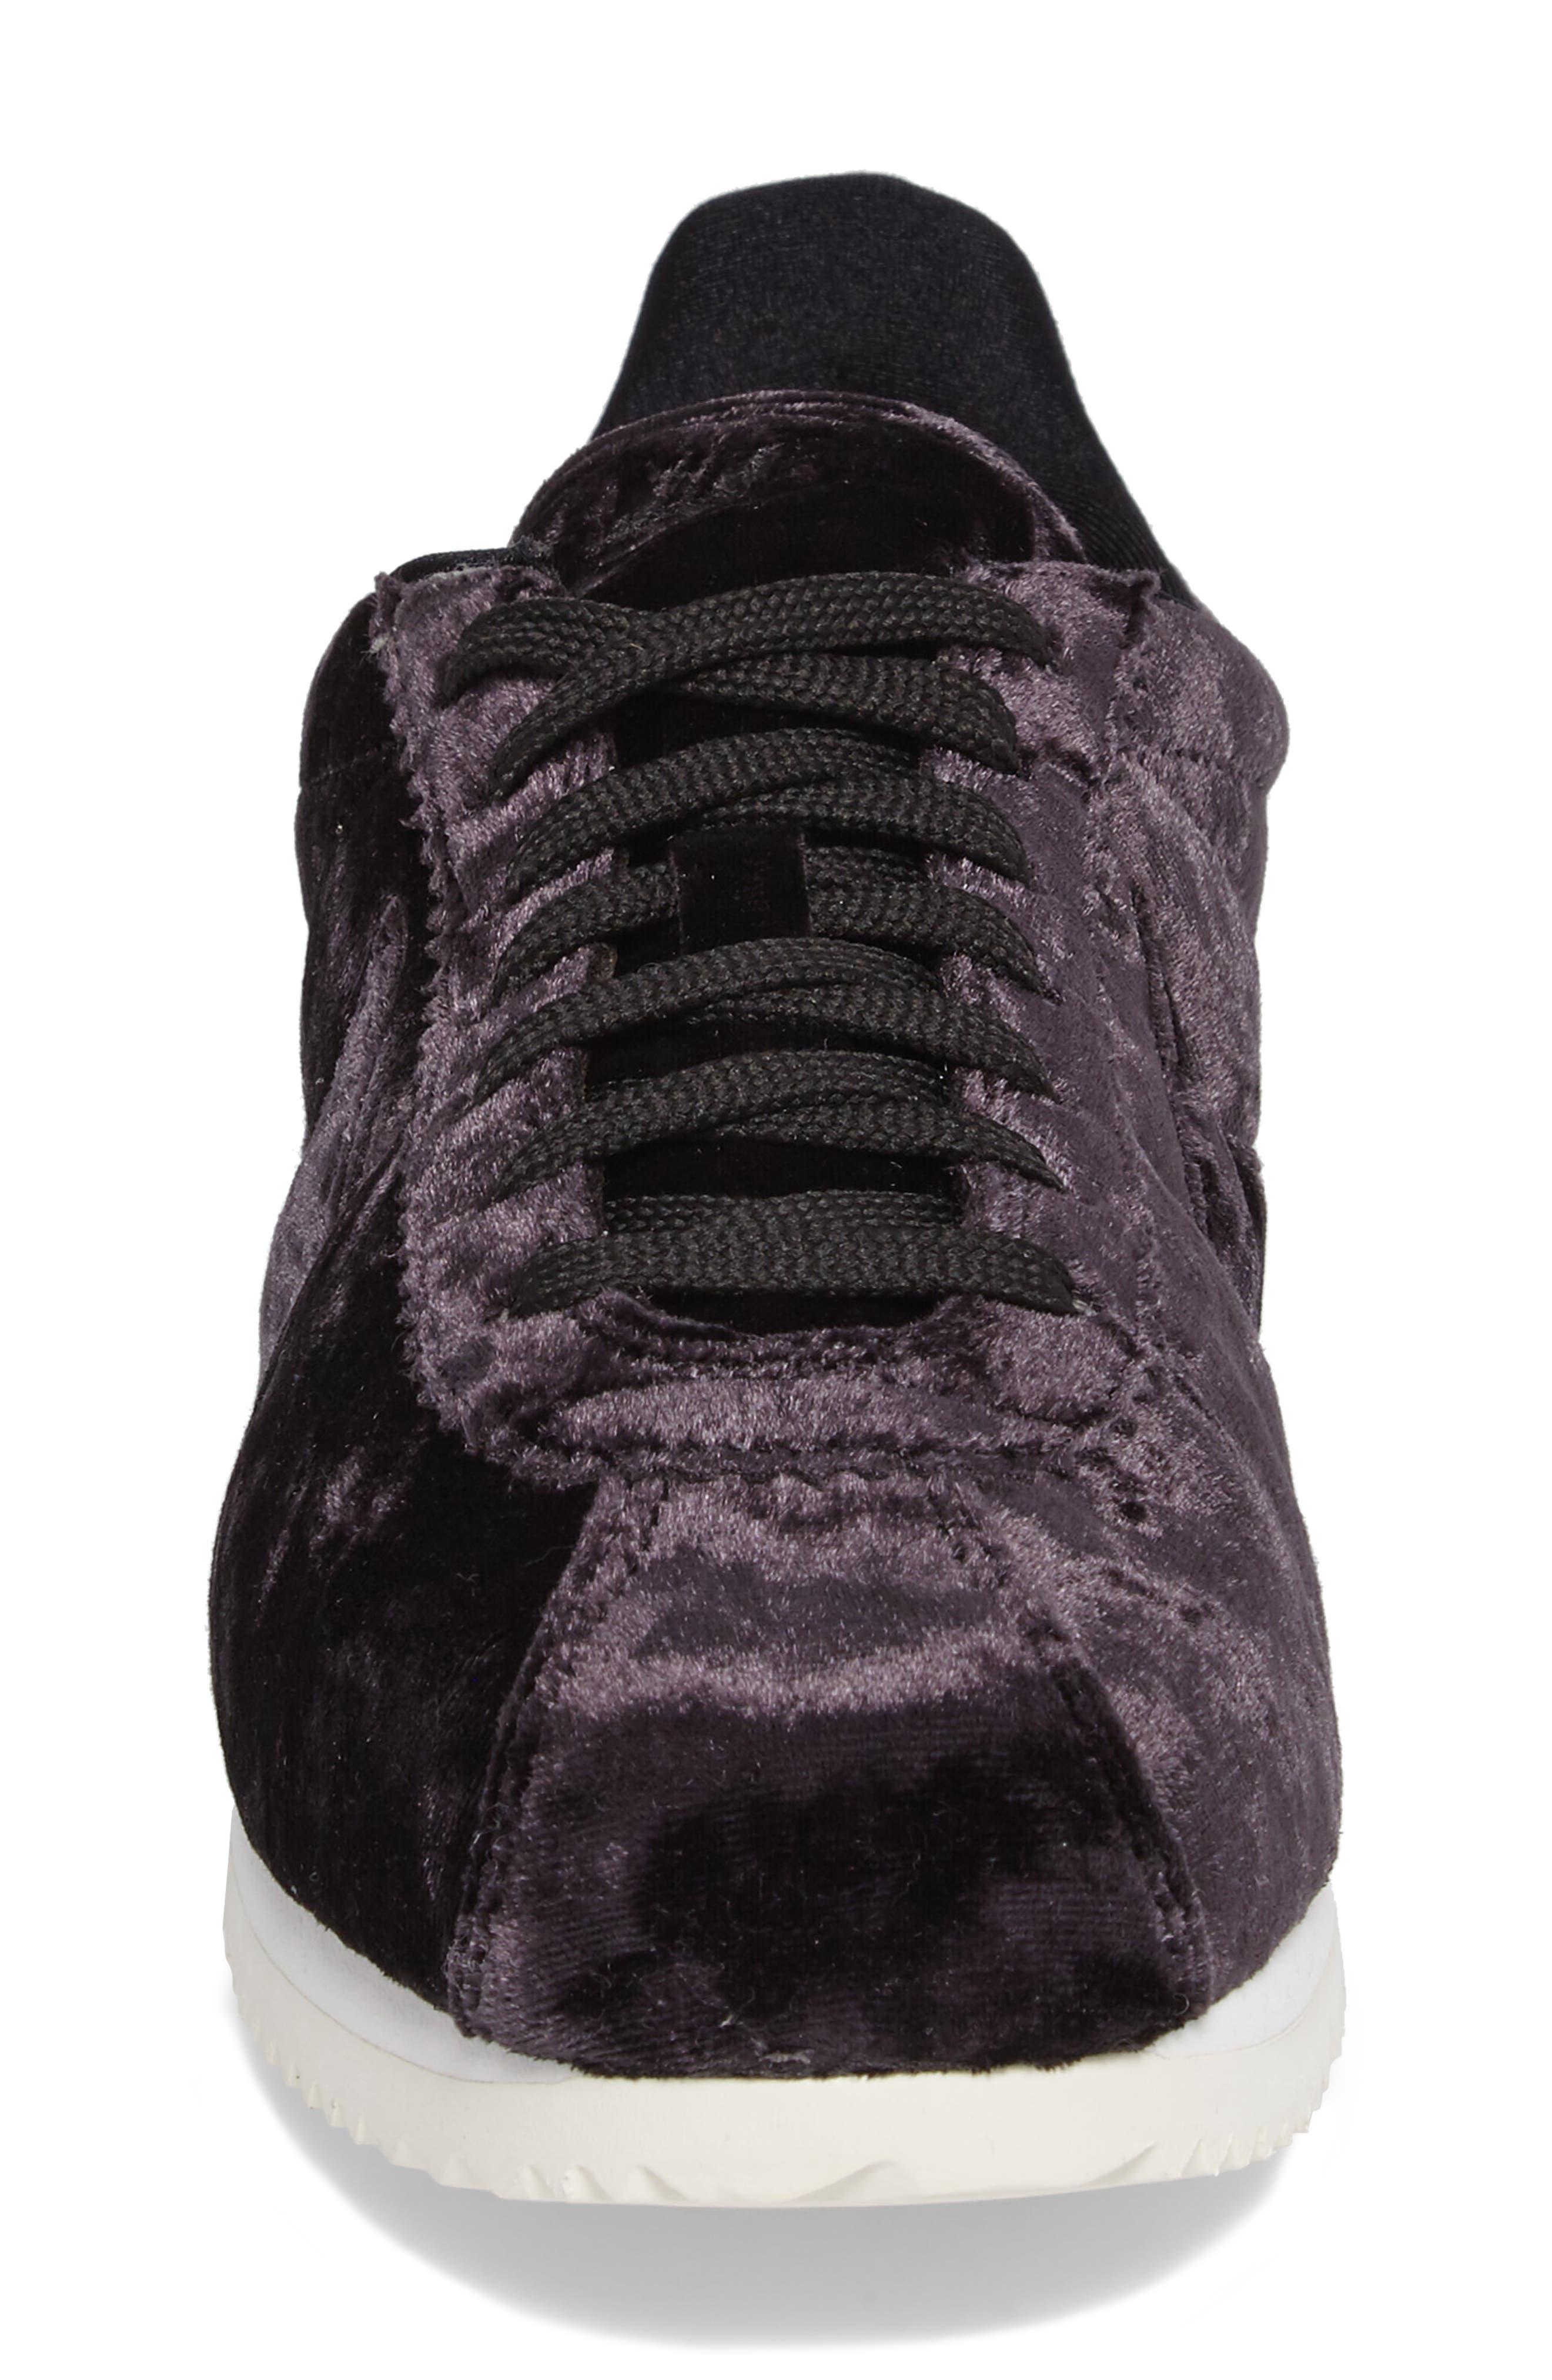 Cortez Classic LX Sneaker,                             Alternate thumbnail 4, color,                             001